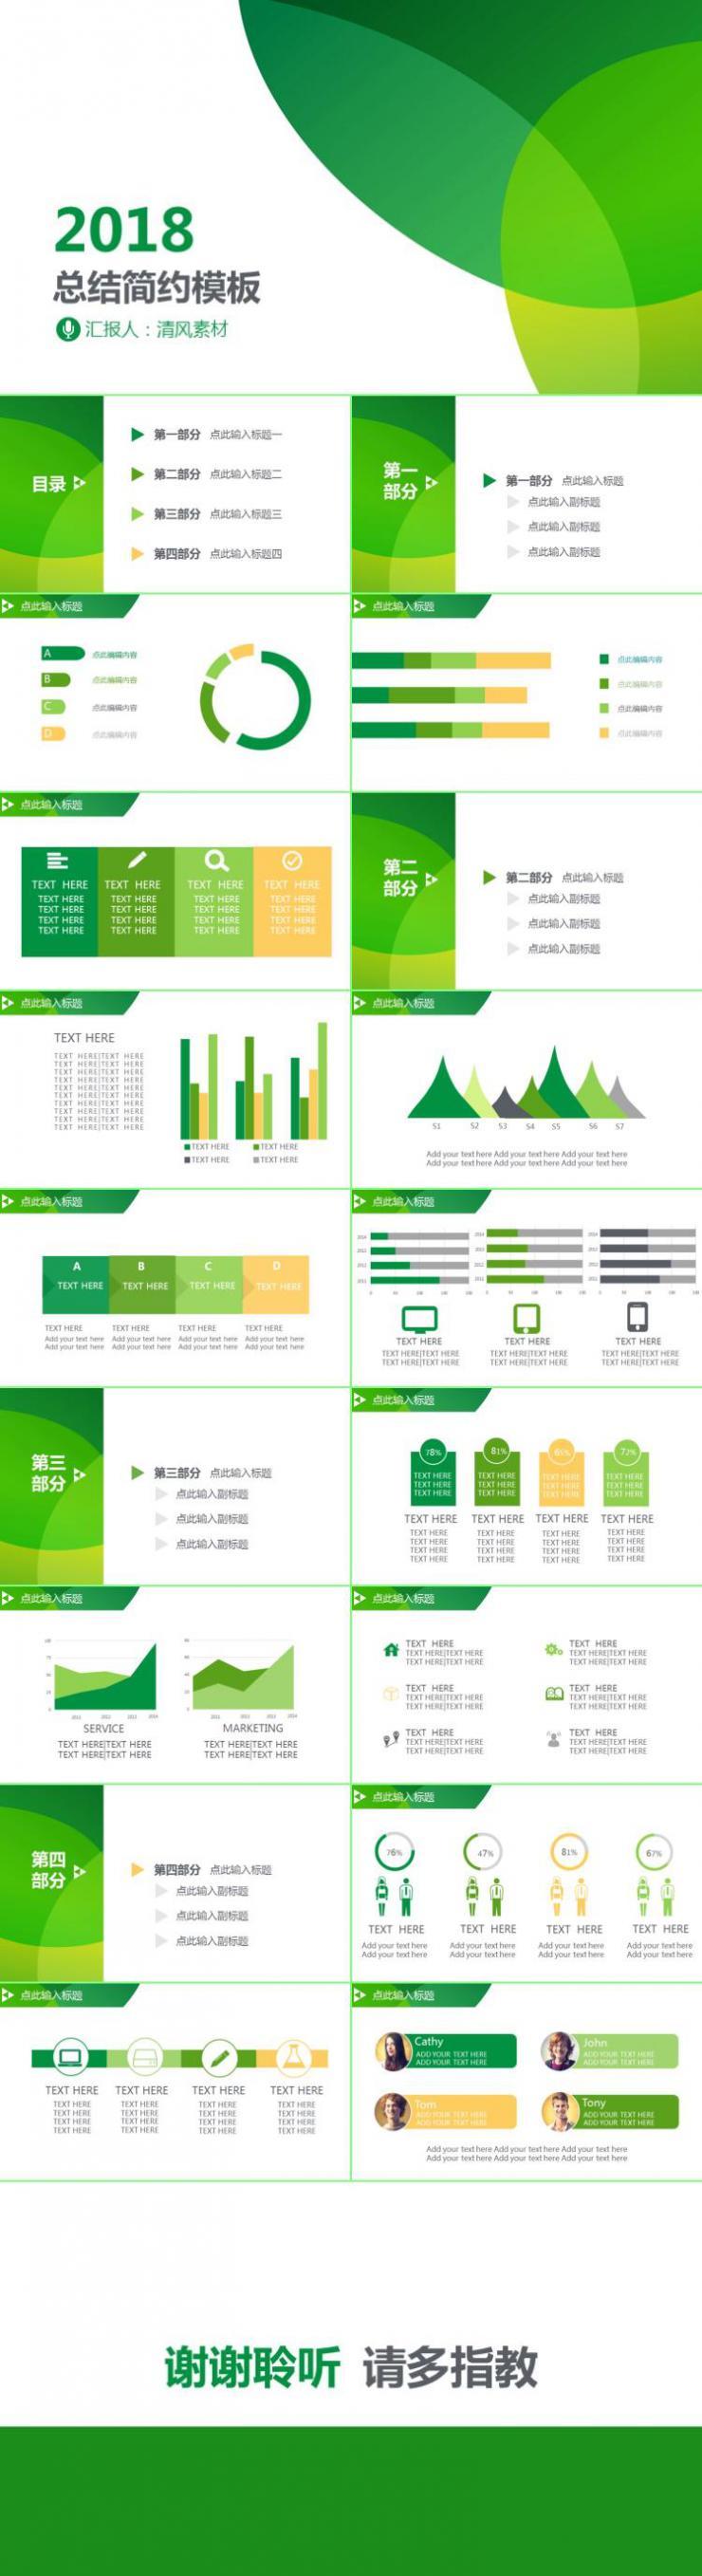 2018清新绿色年终总结简约模板PPT